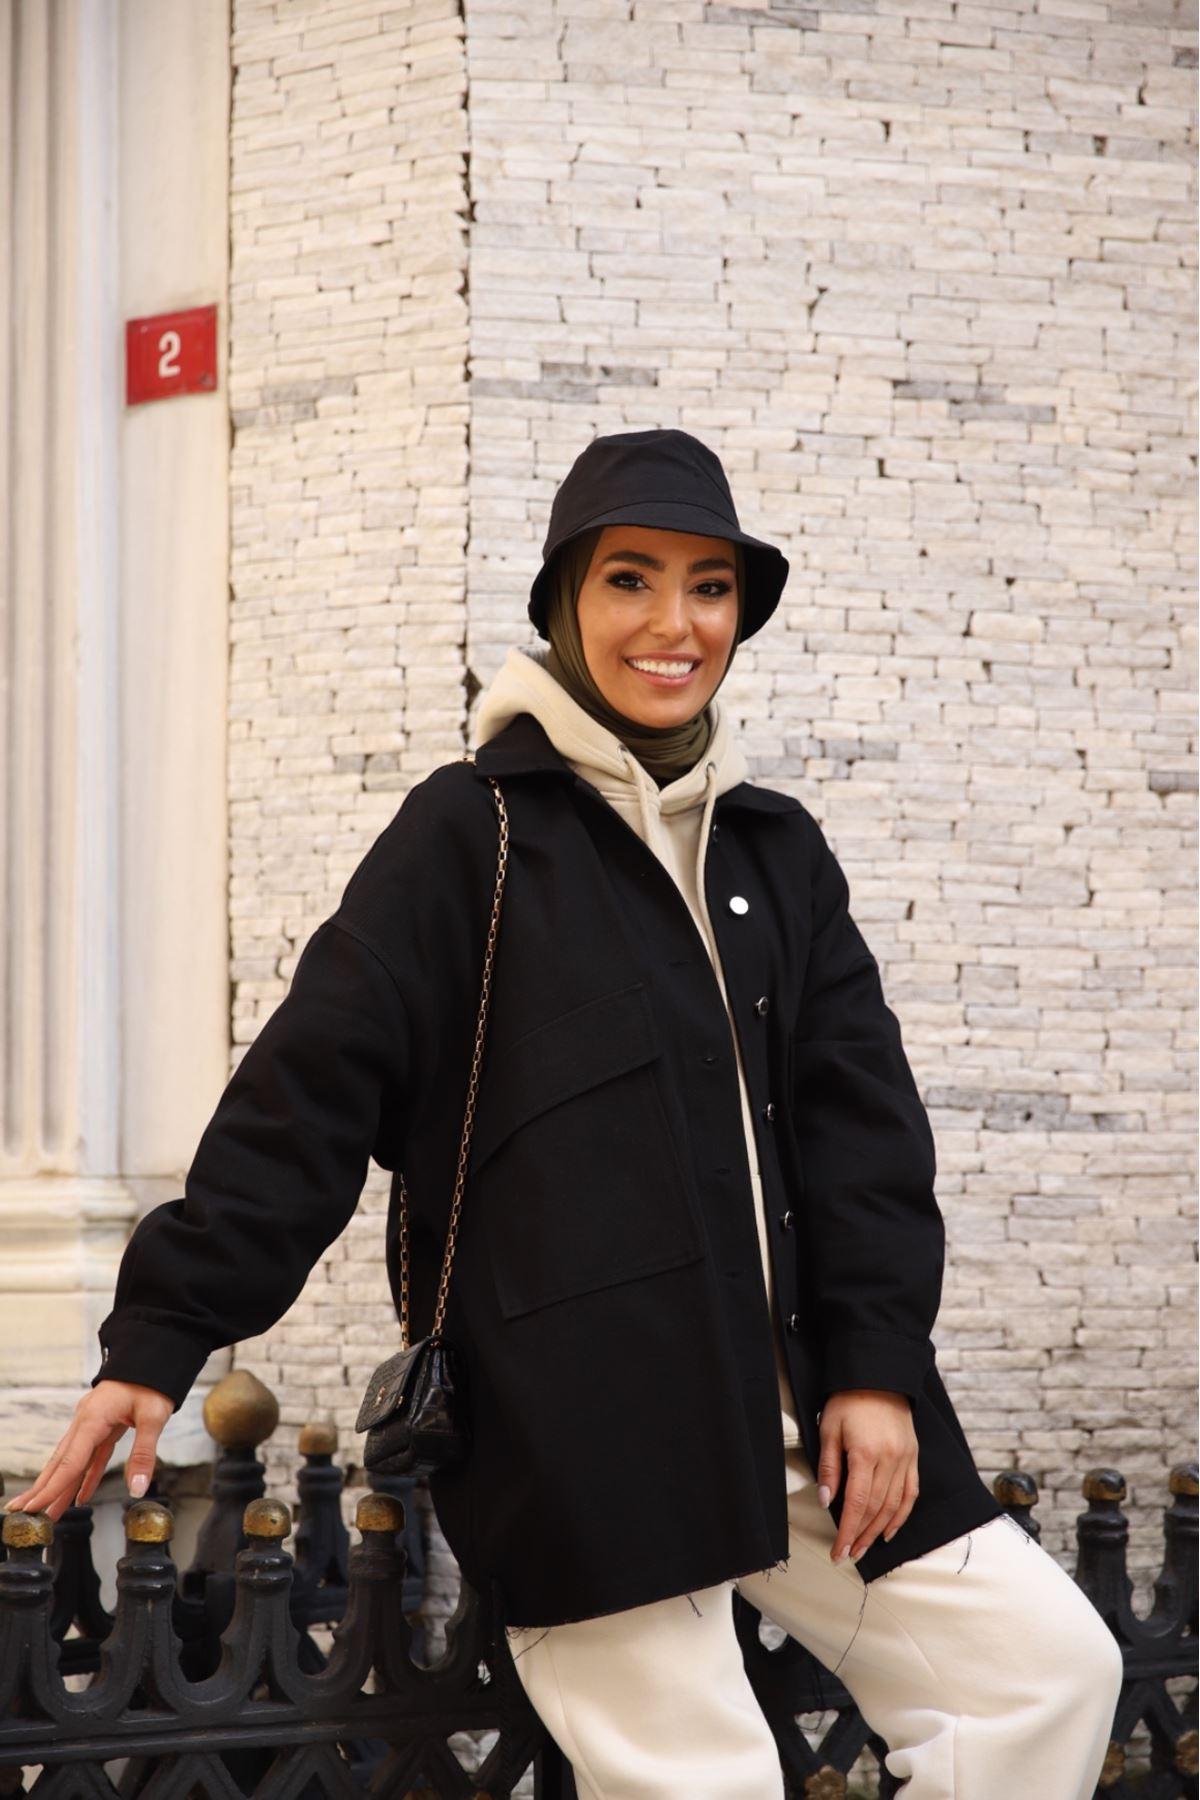 İp detaylı gabardin ceket - Siyah